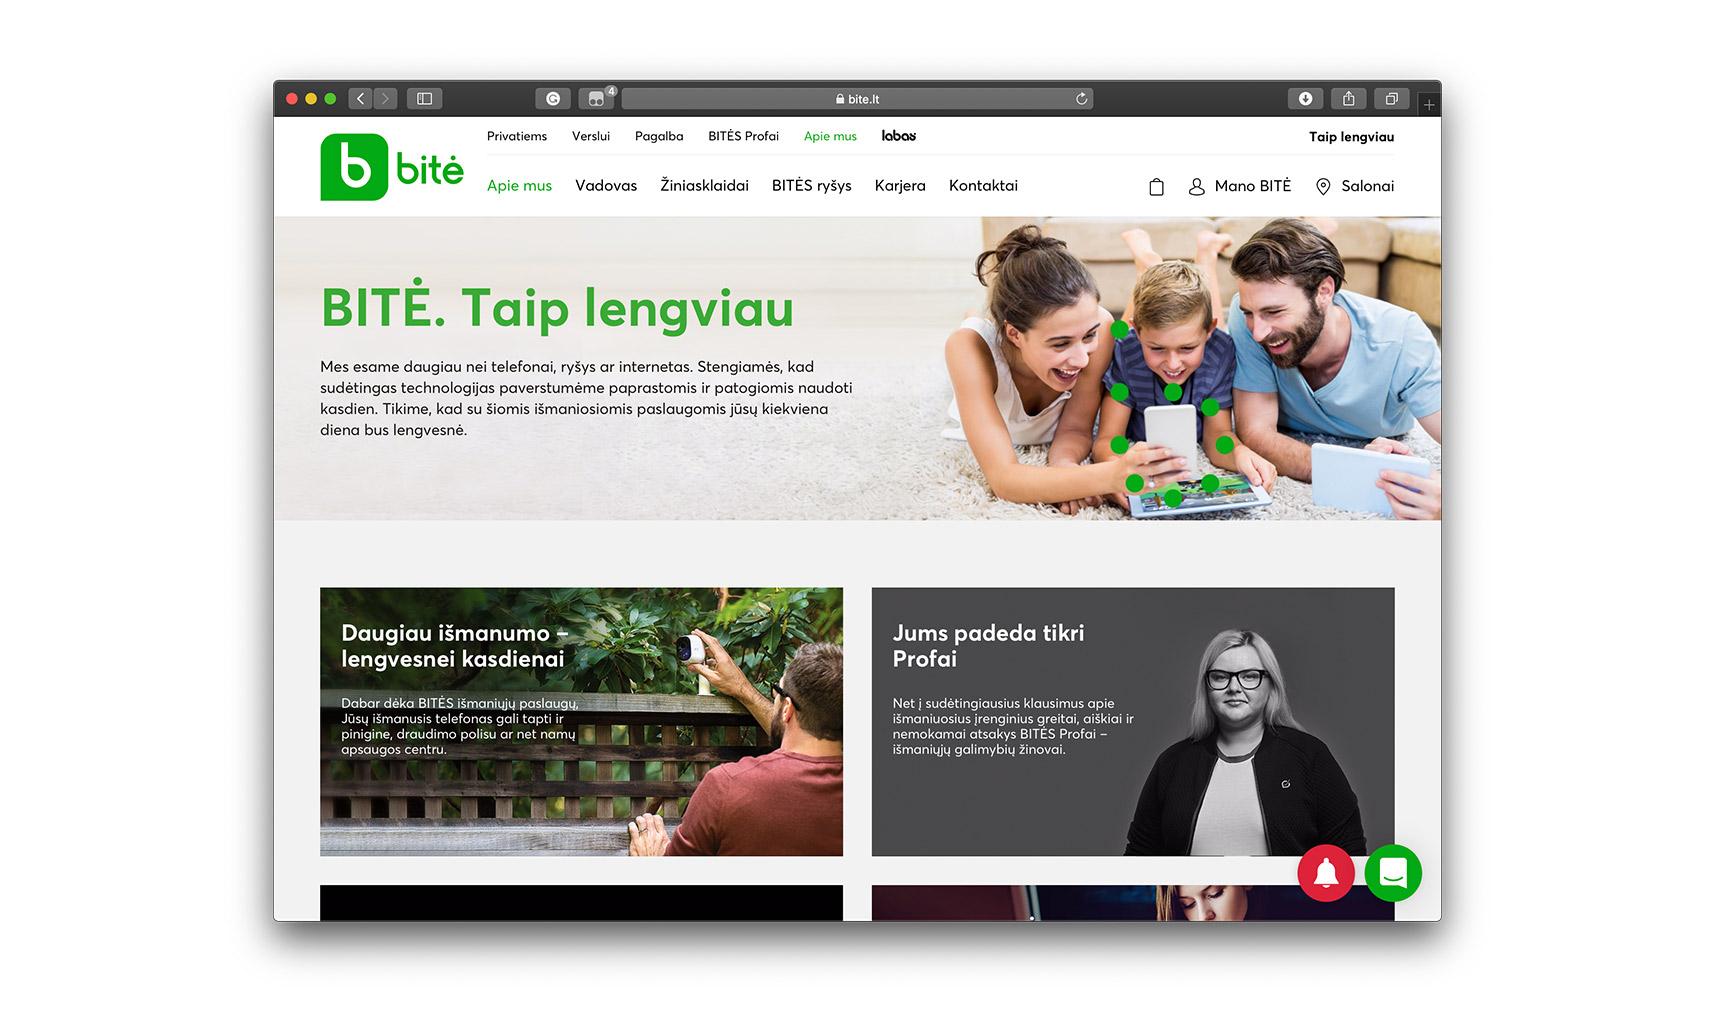 bite-taip-lengviau-website